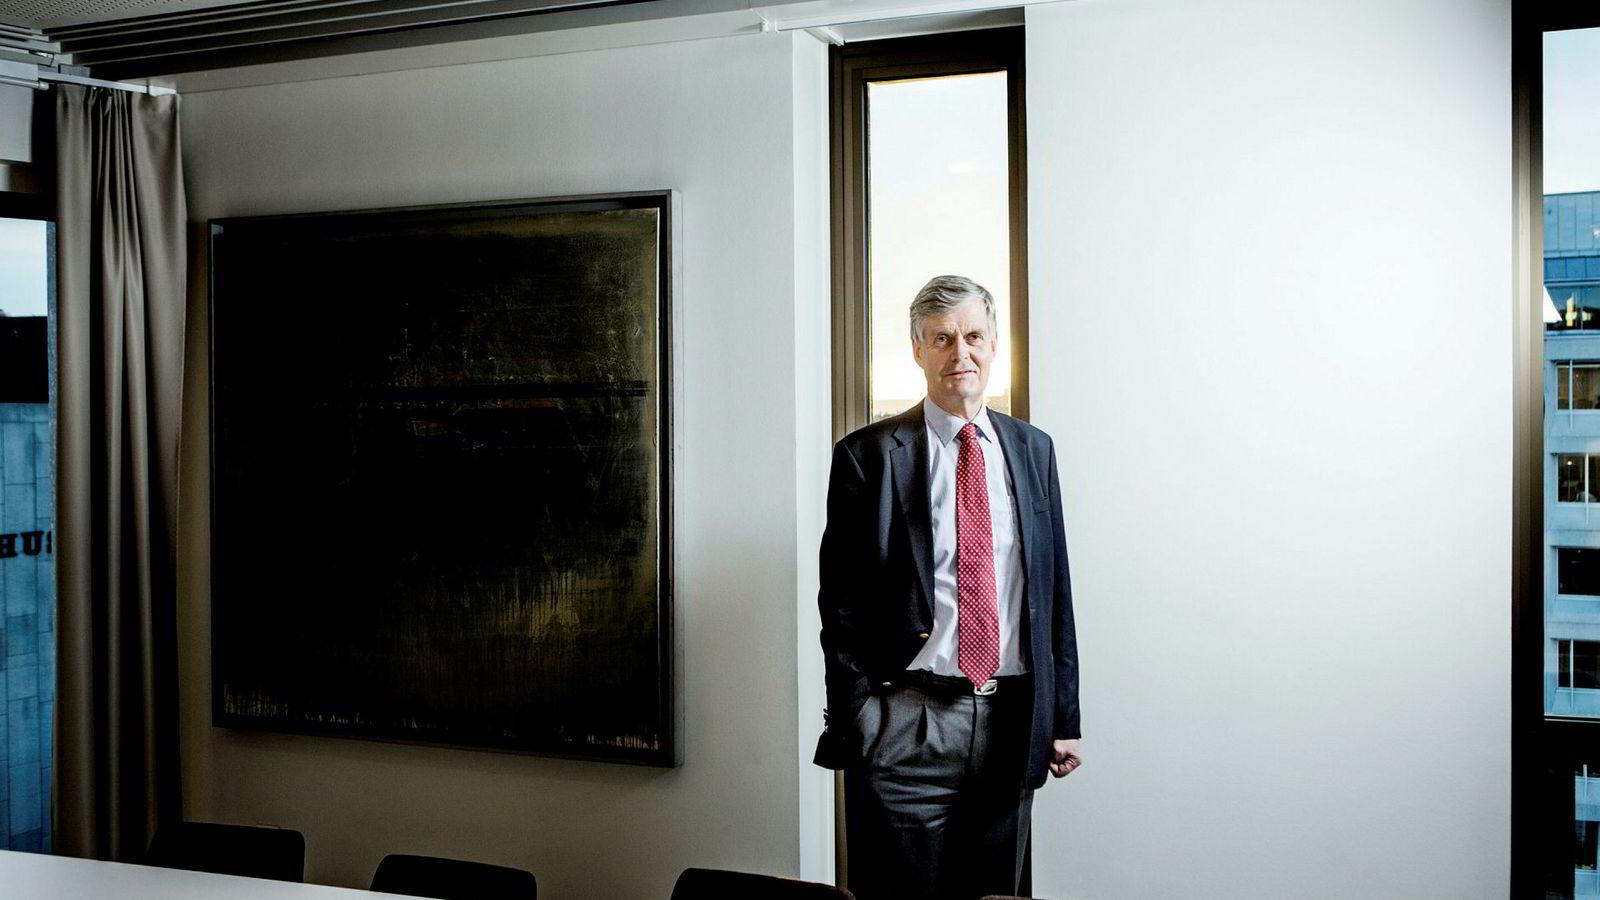 Advokat Sverre Koch fikk erstatning av Skatteetaten for ærekrenkelser i forbindelse med Transocean-saken der han ble frifunnet.